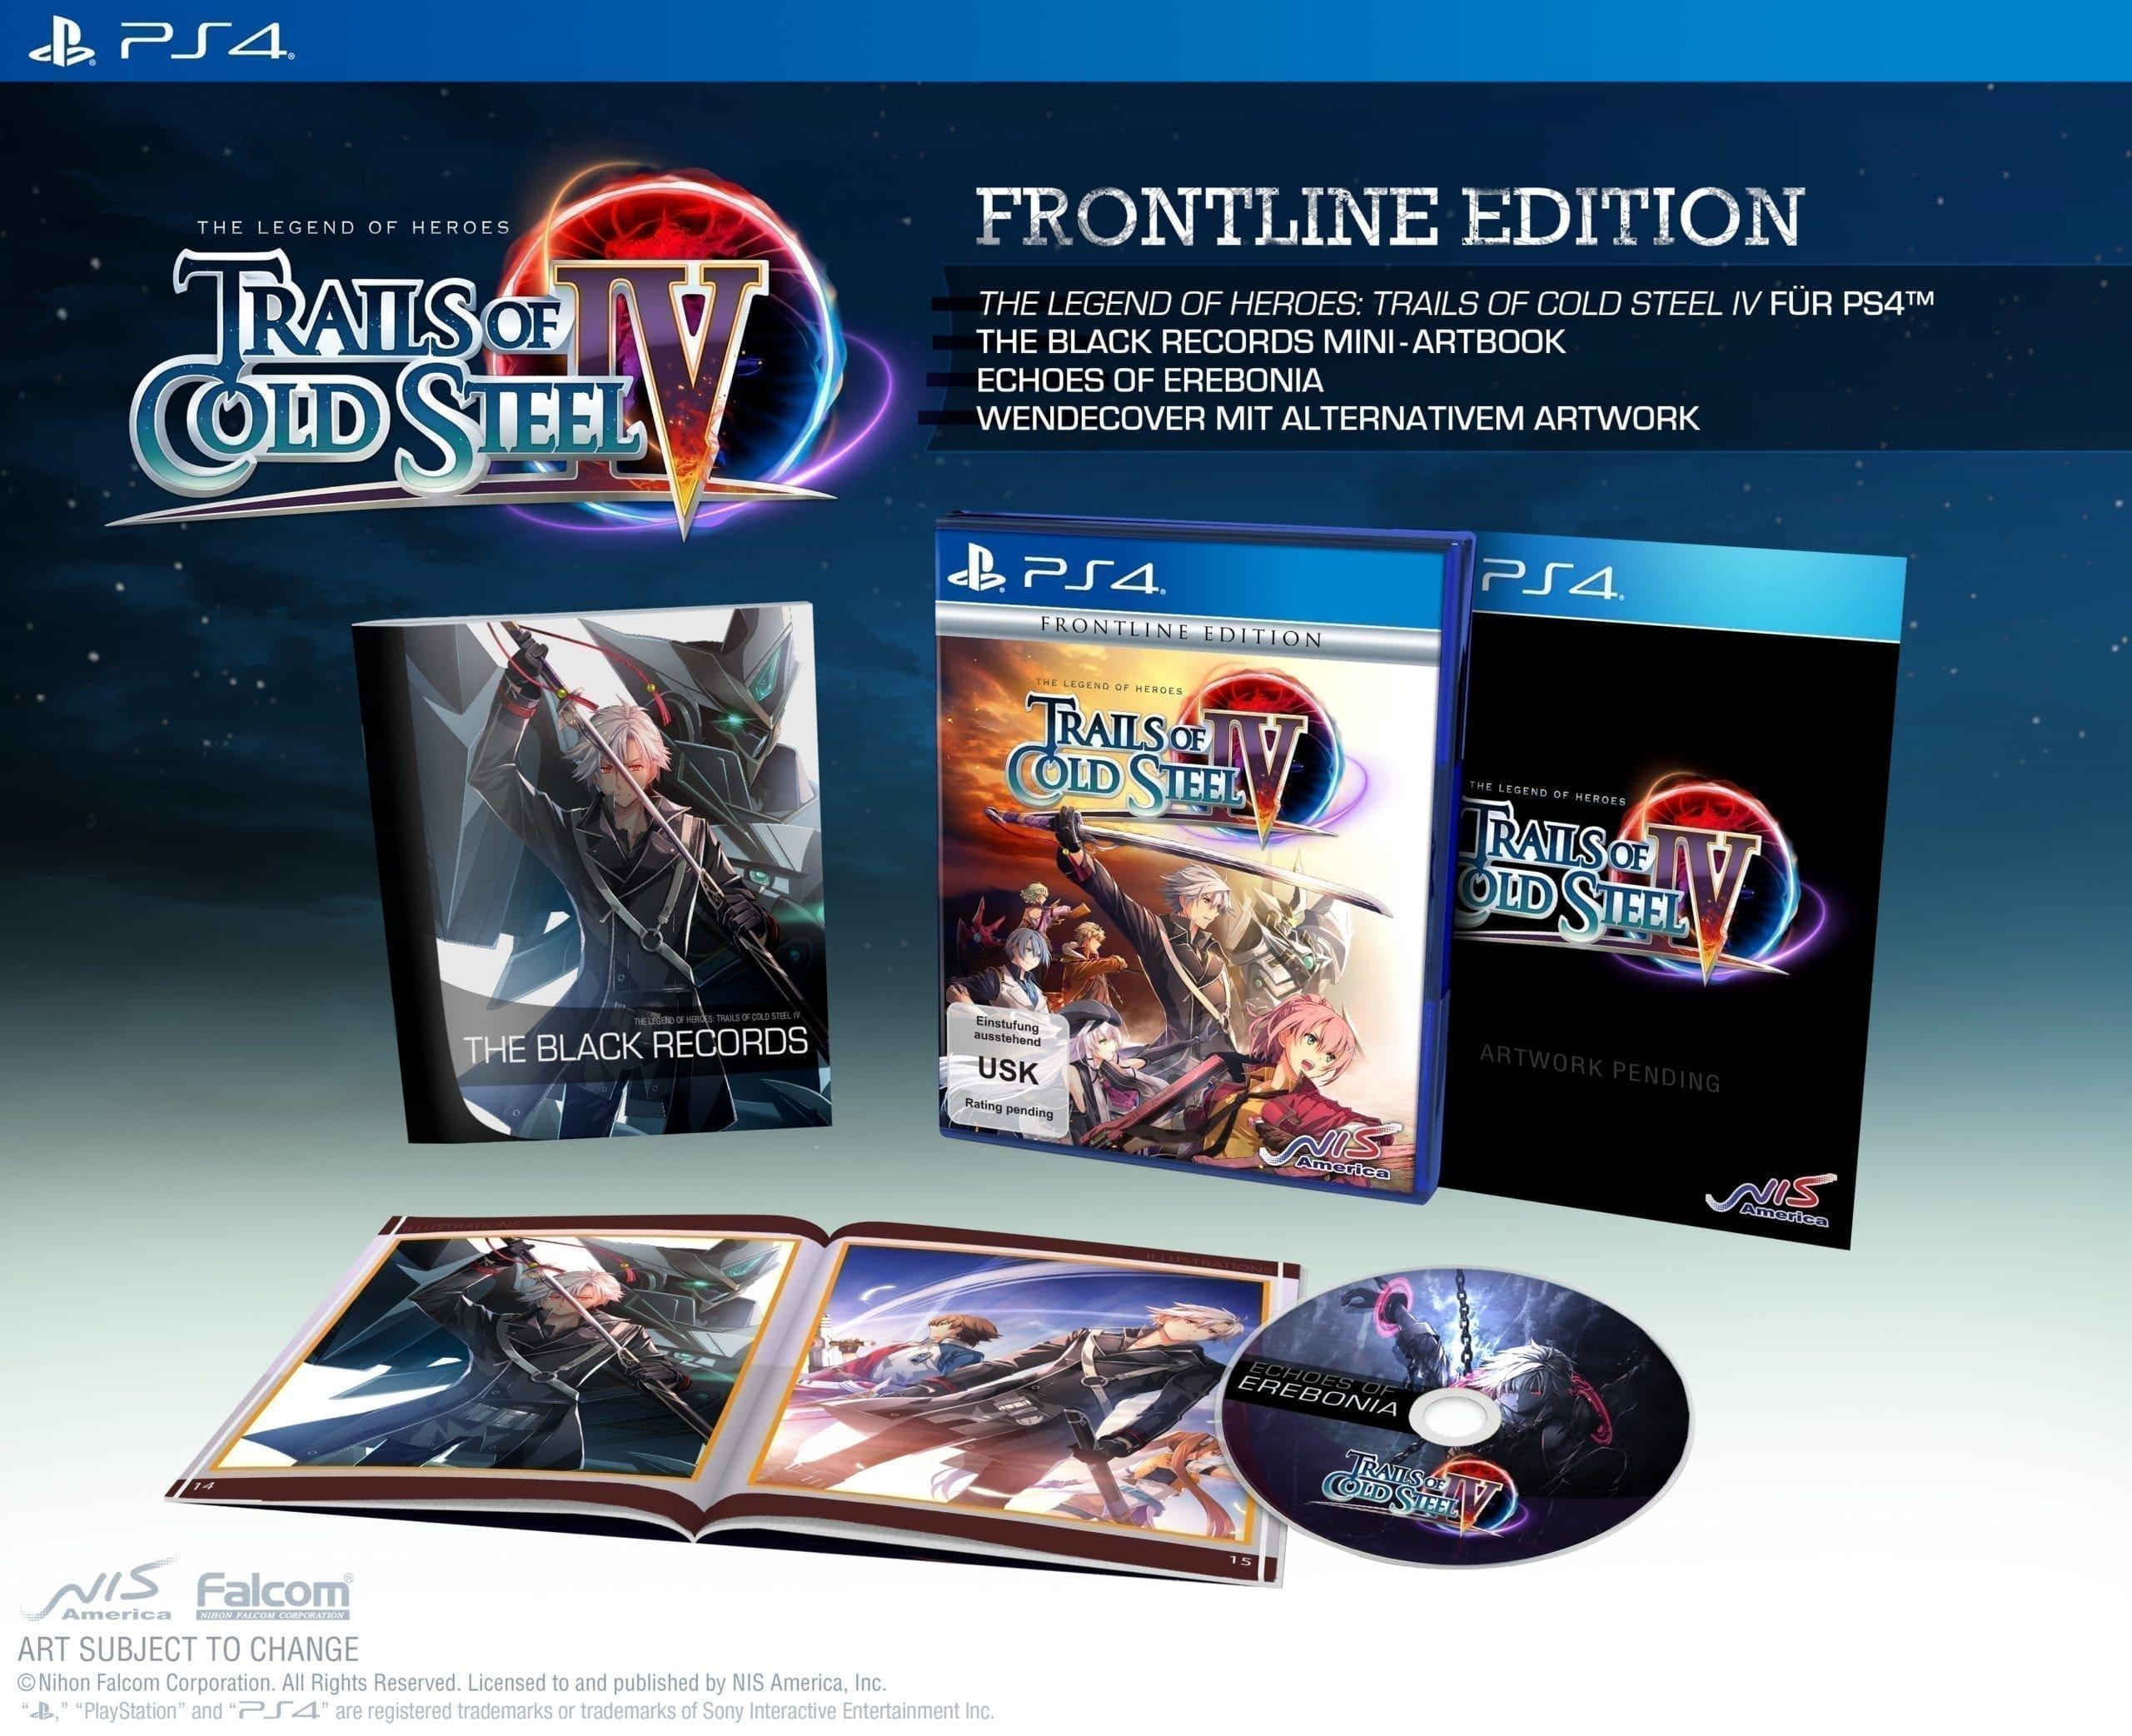 Inhalte der Frontline Edition für die PlayStation 4